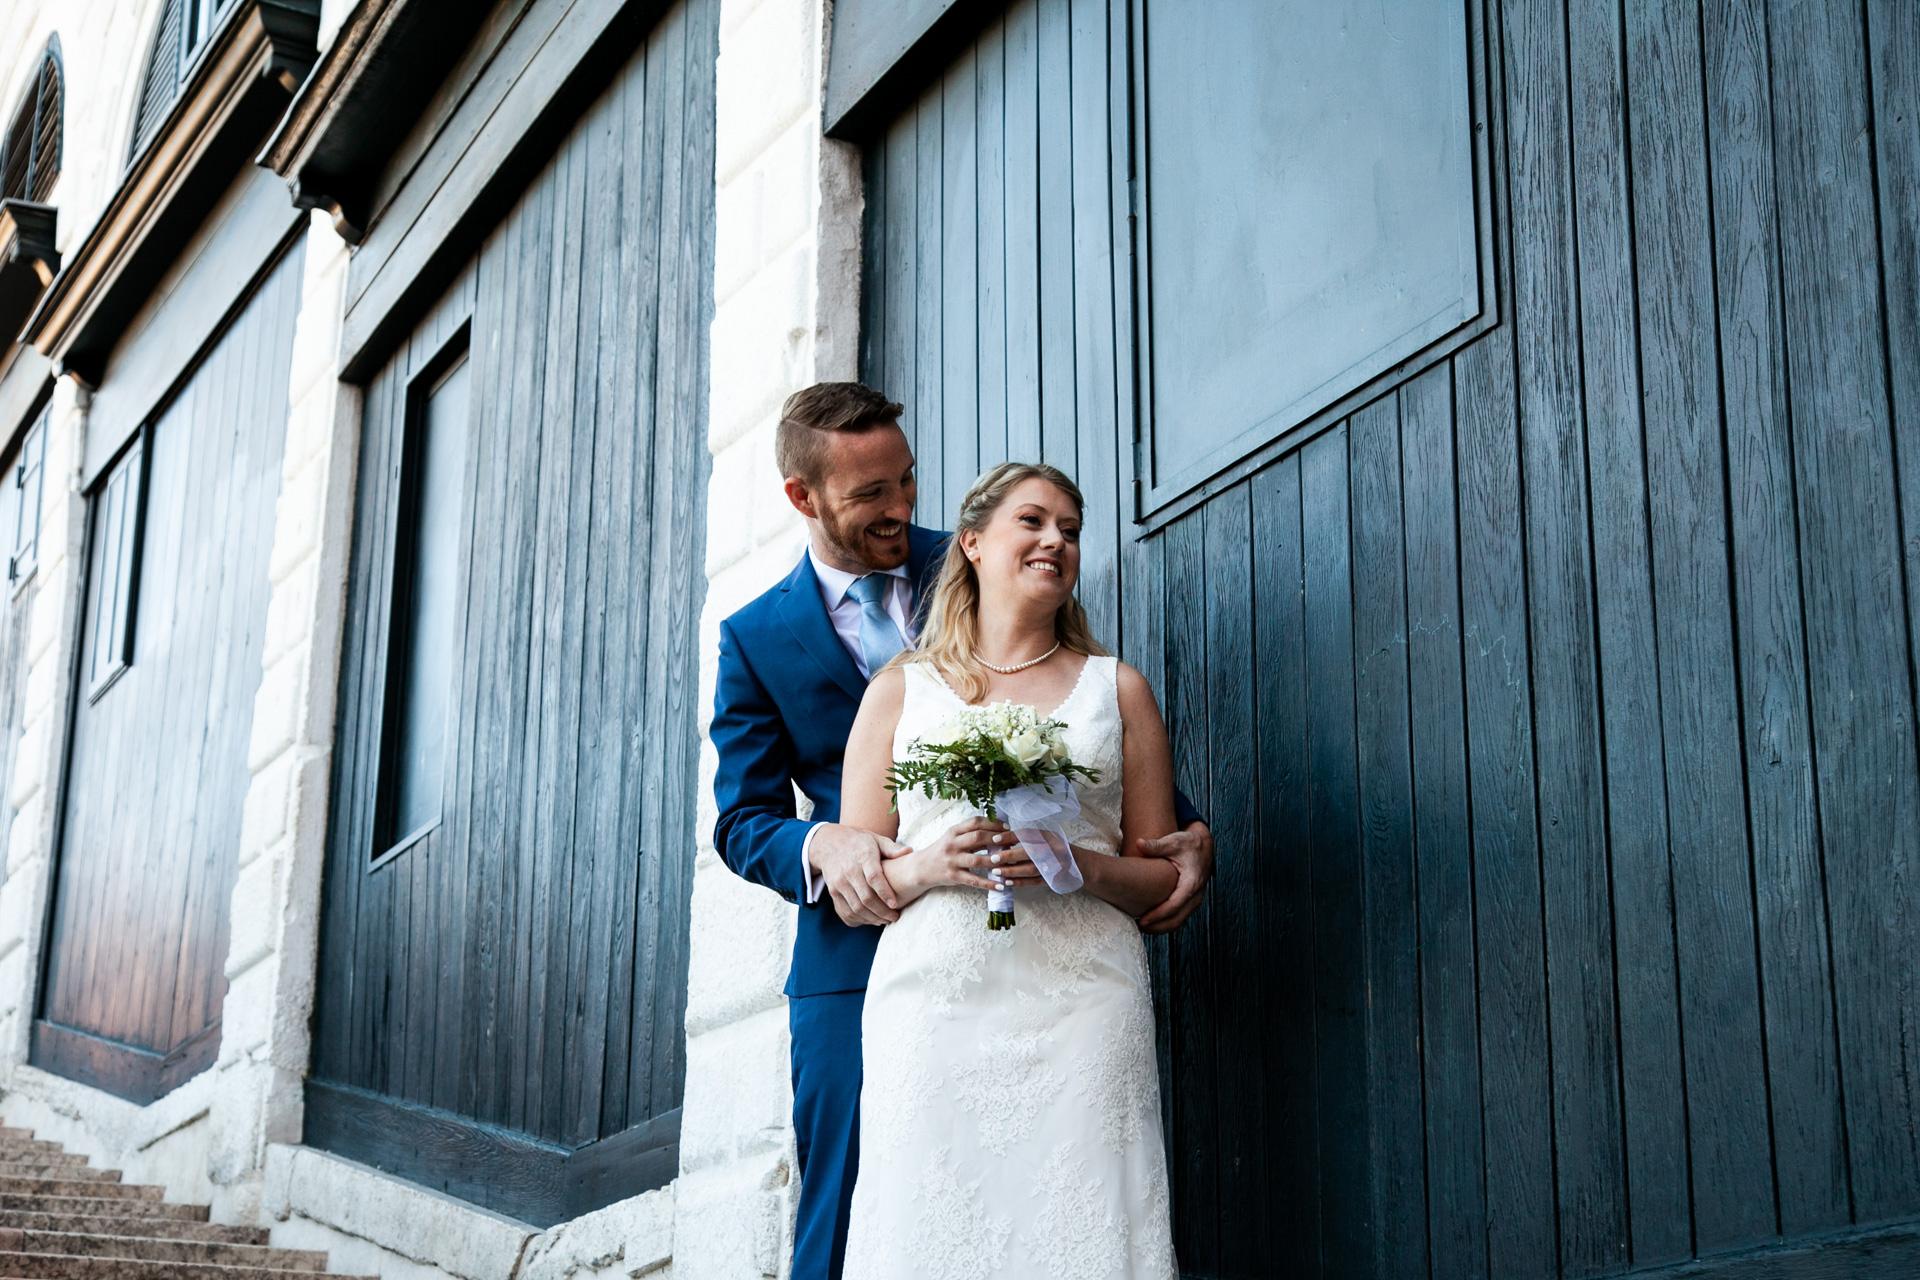 Matrimonio In Venezia : Un matrimonio a venezia paola filippini venice